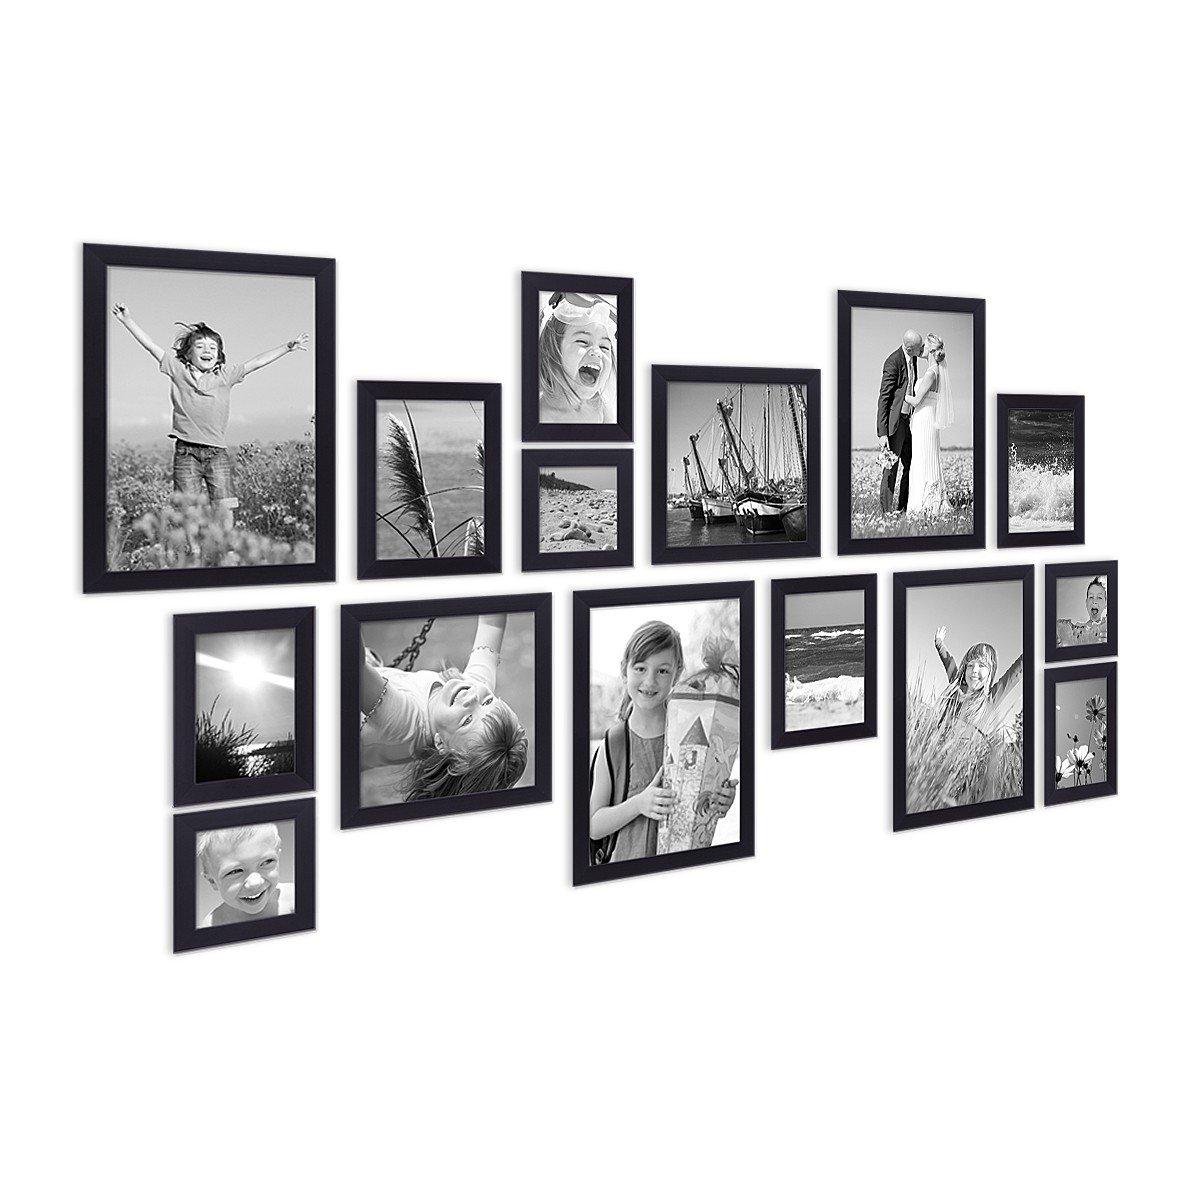 Amazon.de: Photolini 15er Set Bilderrahmen Modern Schwarz aus MDF ...